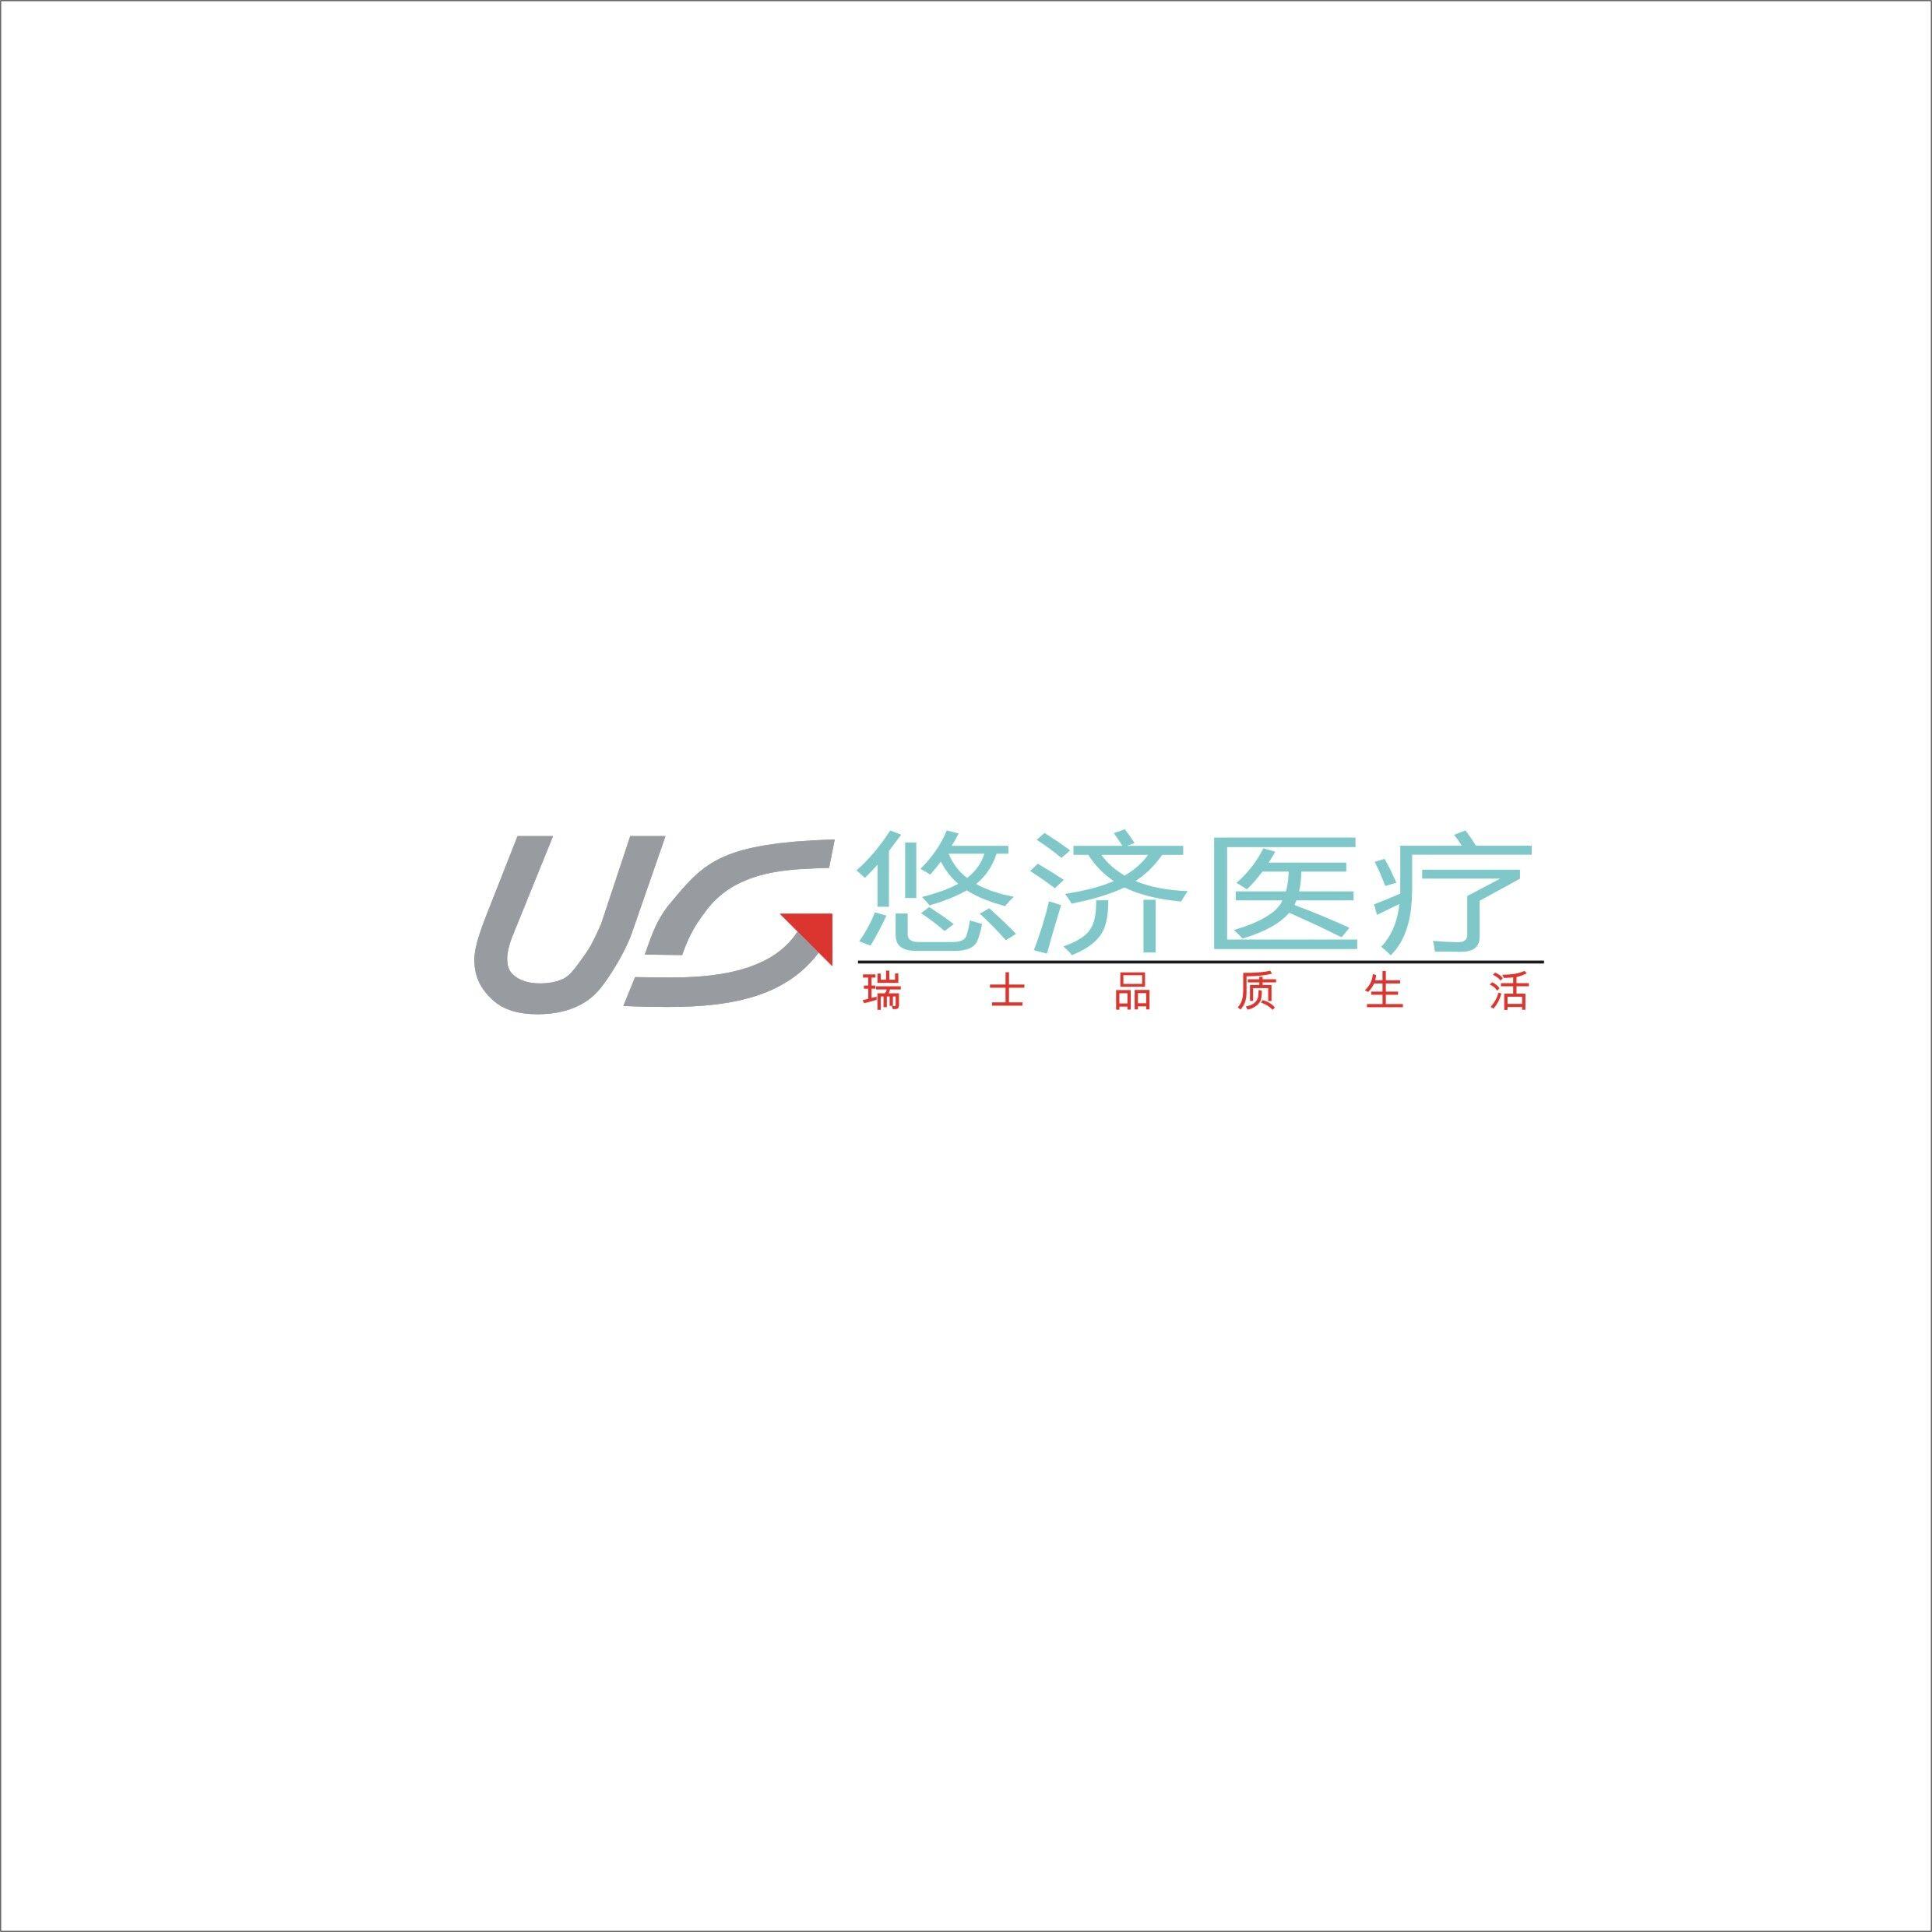 悠济医疗科技(上海)有限公司-2018中国国际福祉博览会暨中国国际康复博览会